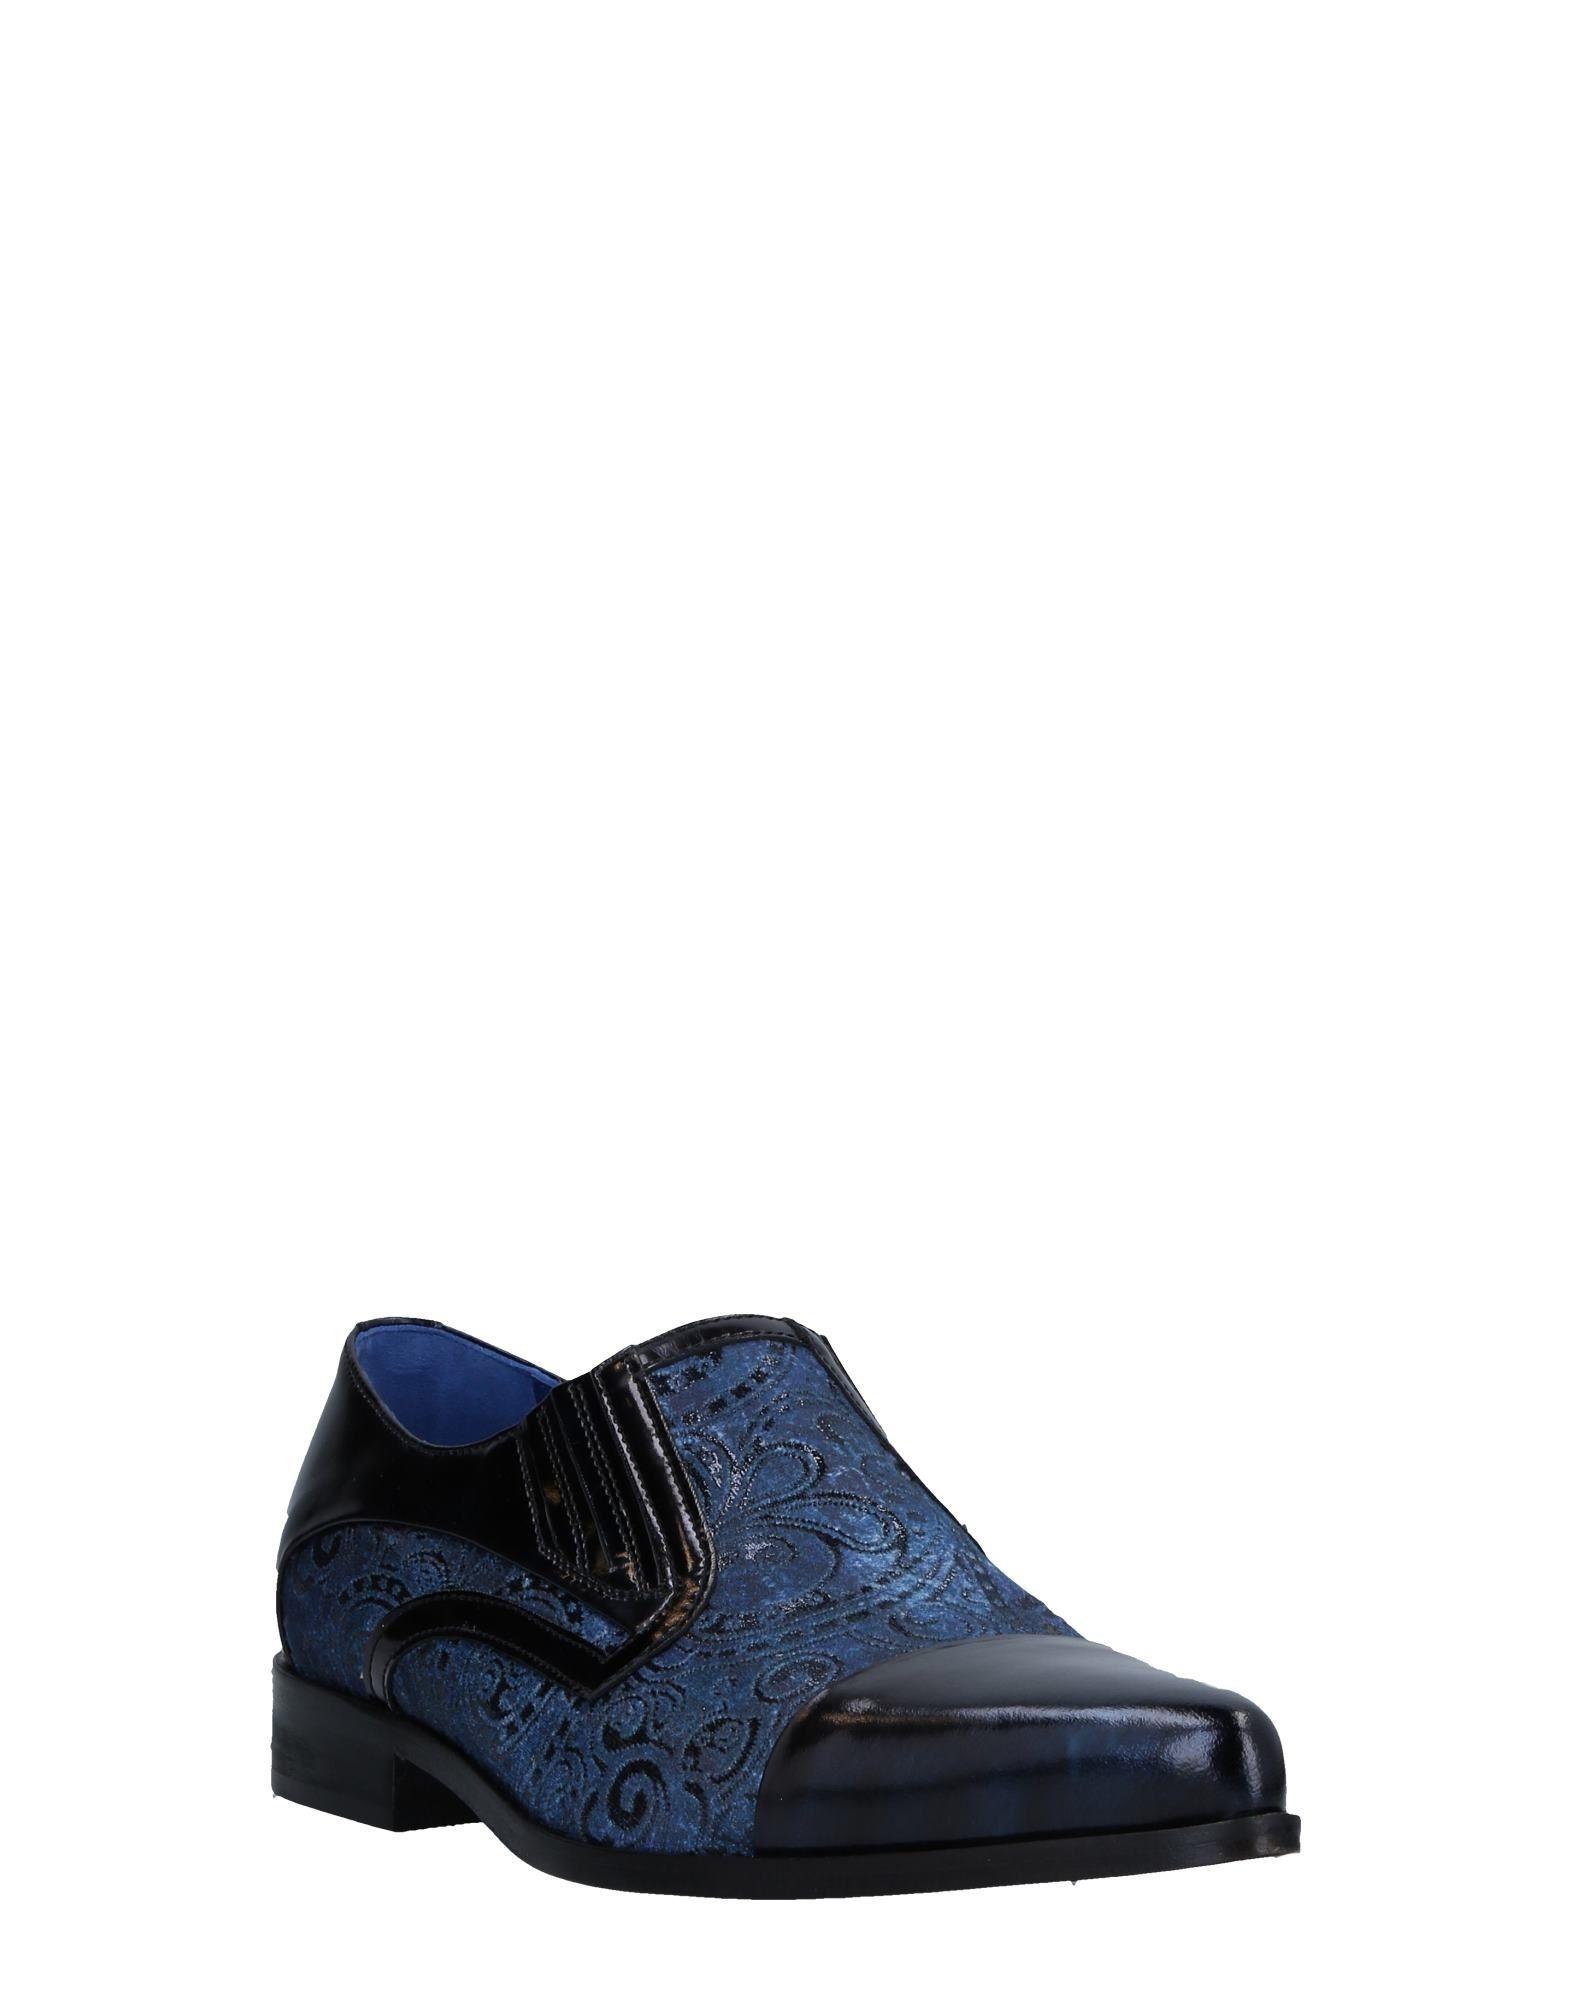 Giovanni Conti Mokassins Herren  11519483BC Gute Qualität beliebte Schuhe